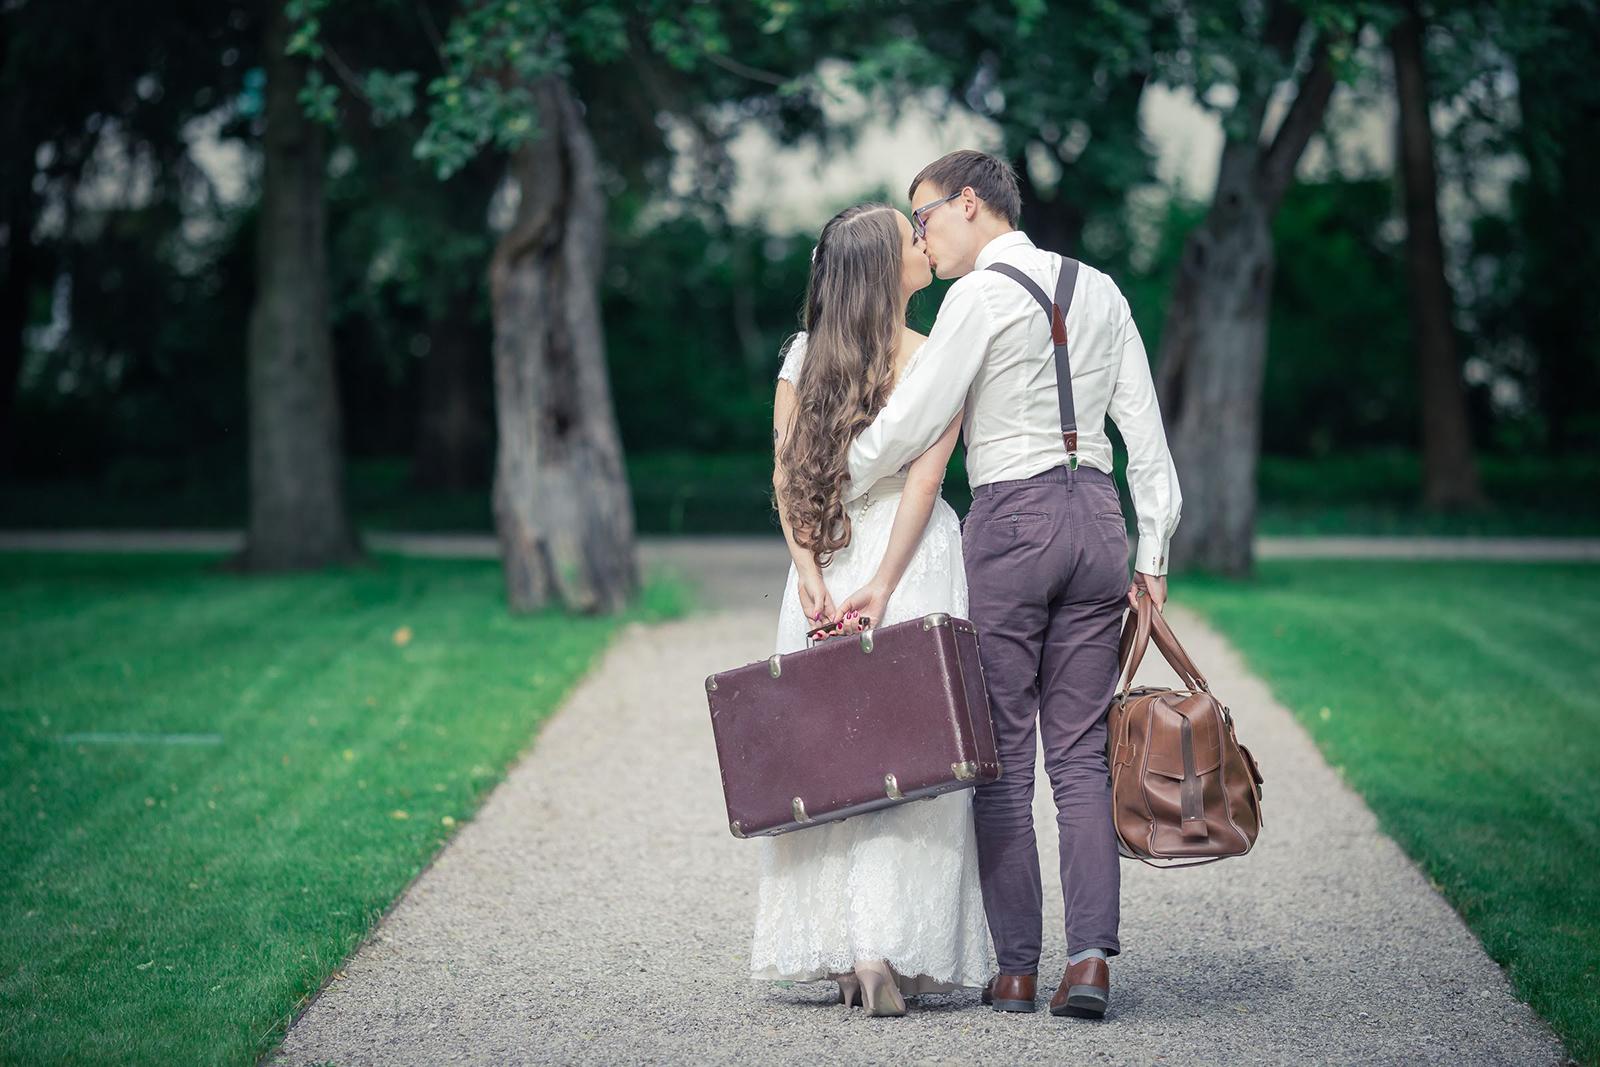 jedziemy do Azji | podróż poślubna | Kasia Jakubczyk - makeup i fotografia | Kasia Jakubczyk